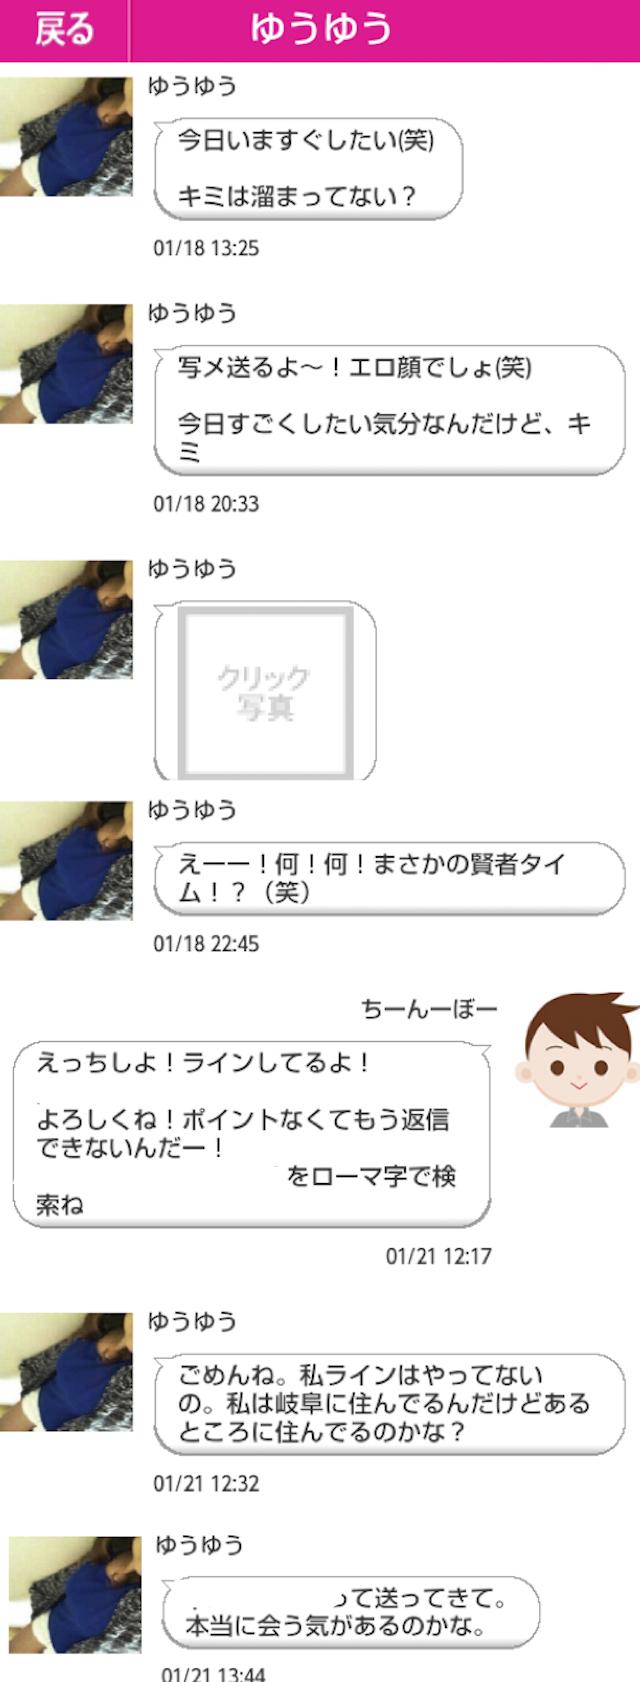 らぶクック_アプリサクラ